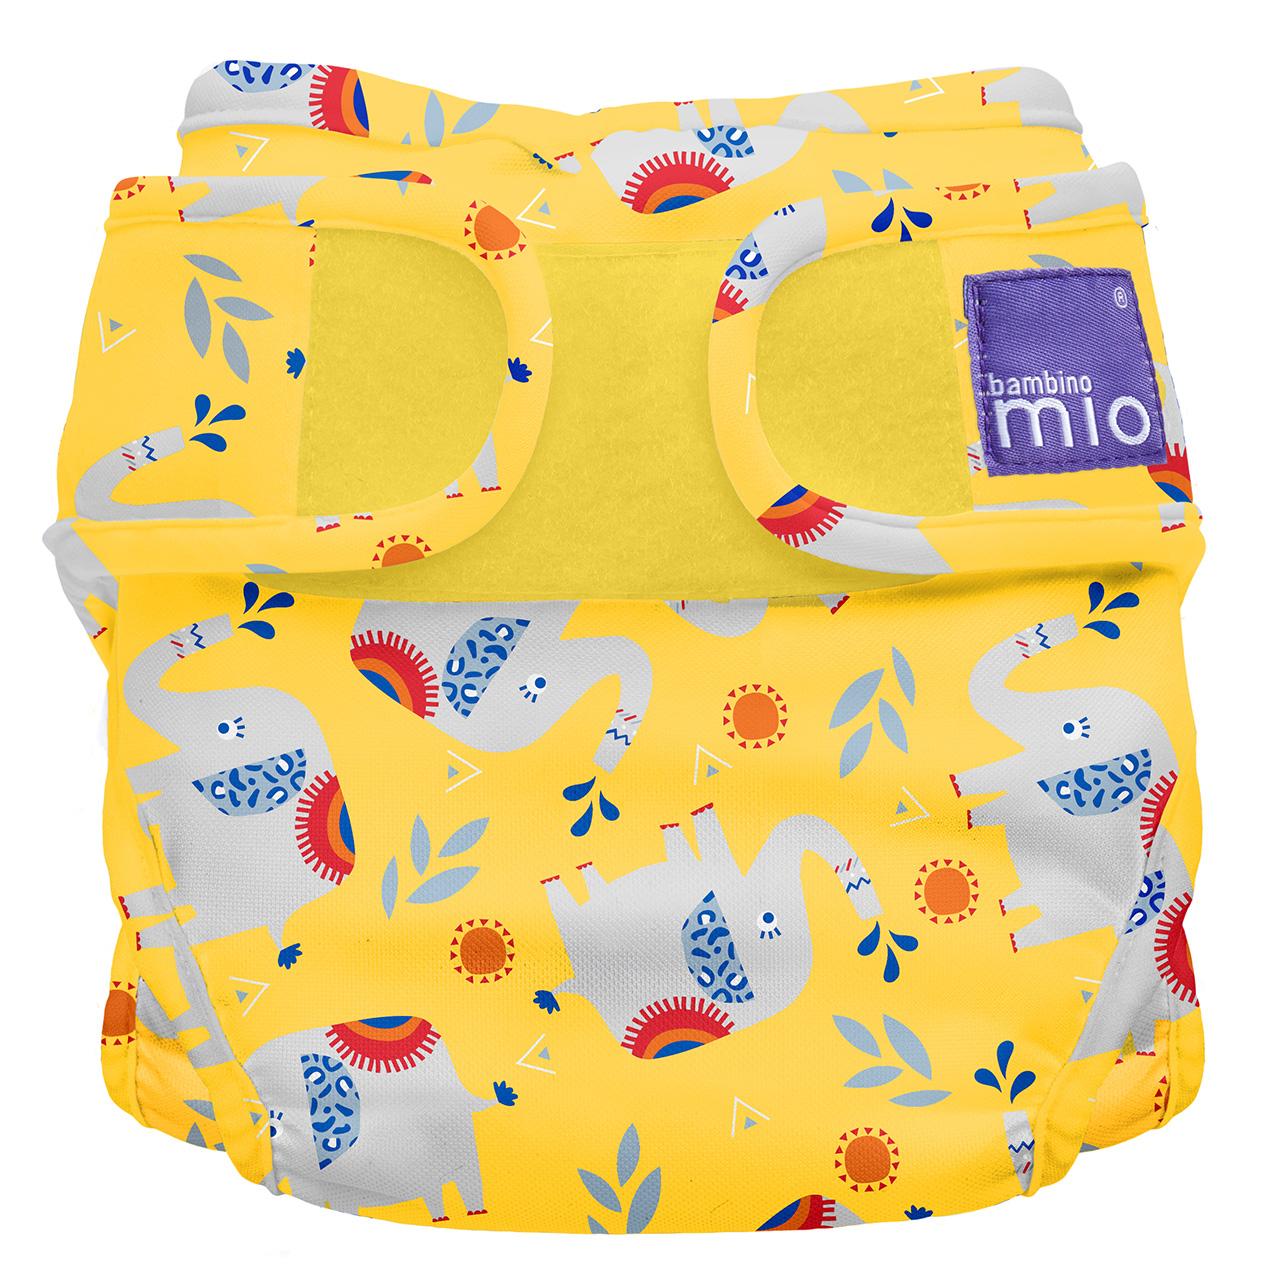 Bambino Mio Miosoft Überhose Gr.1